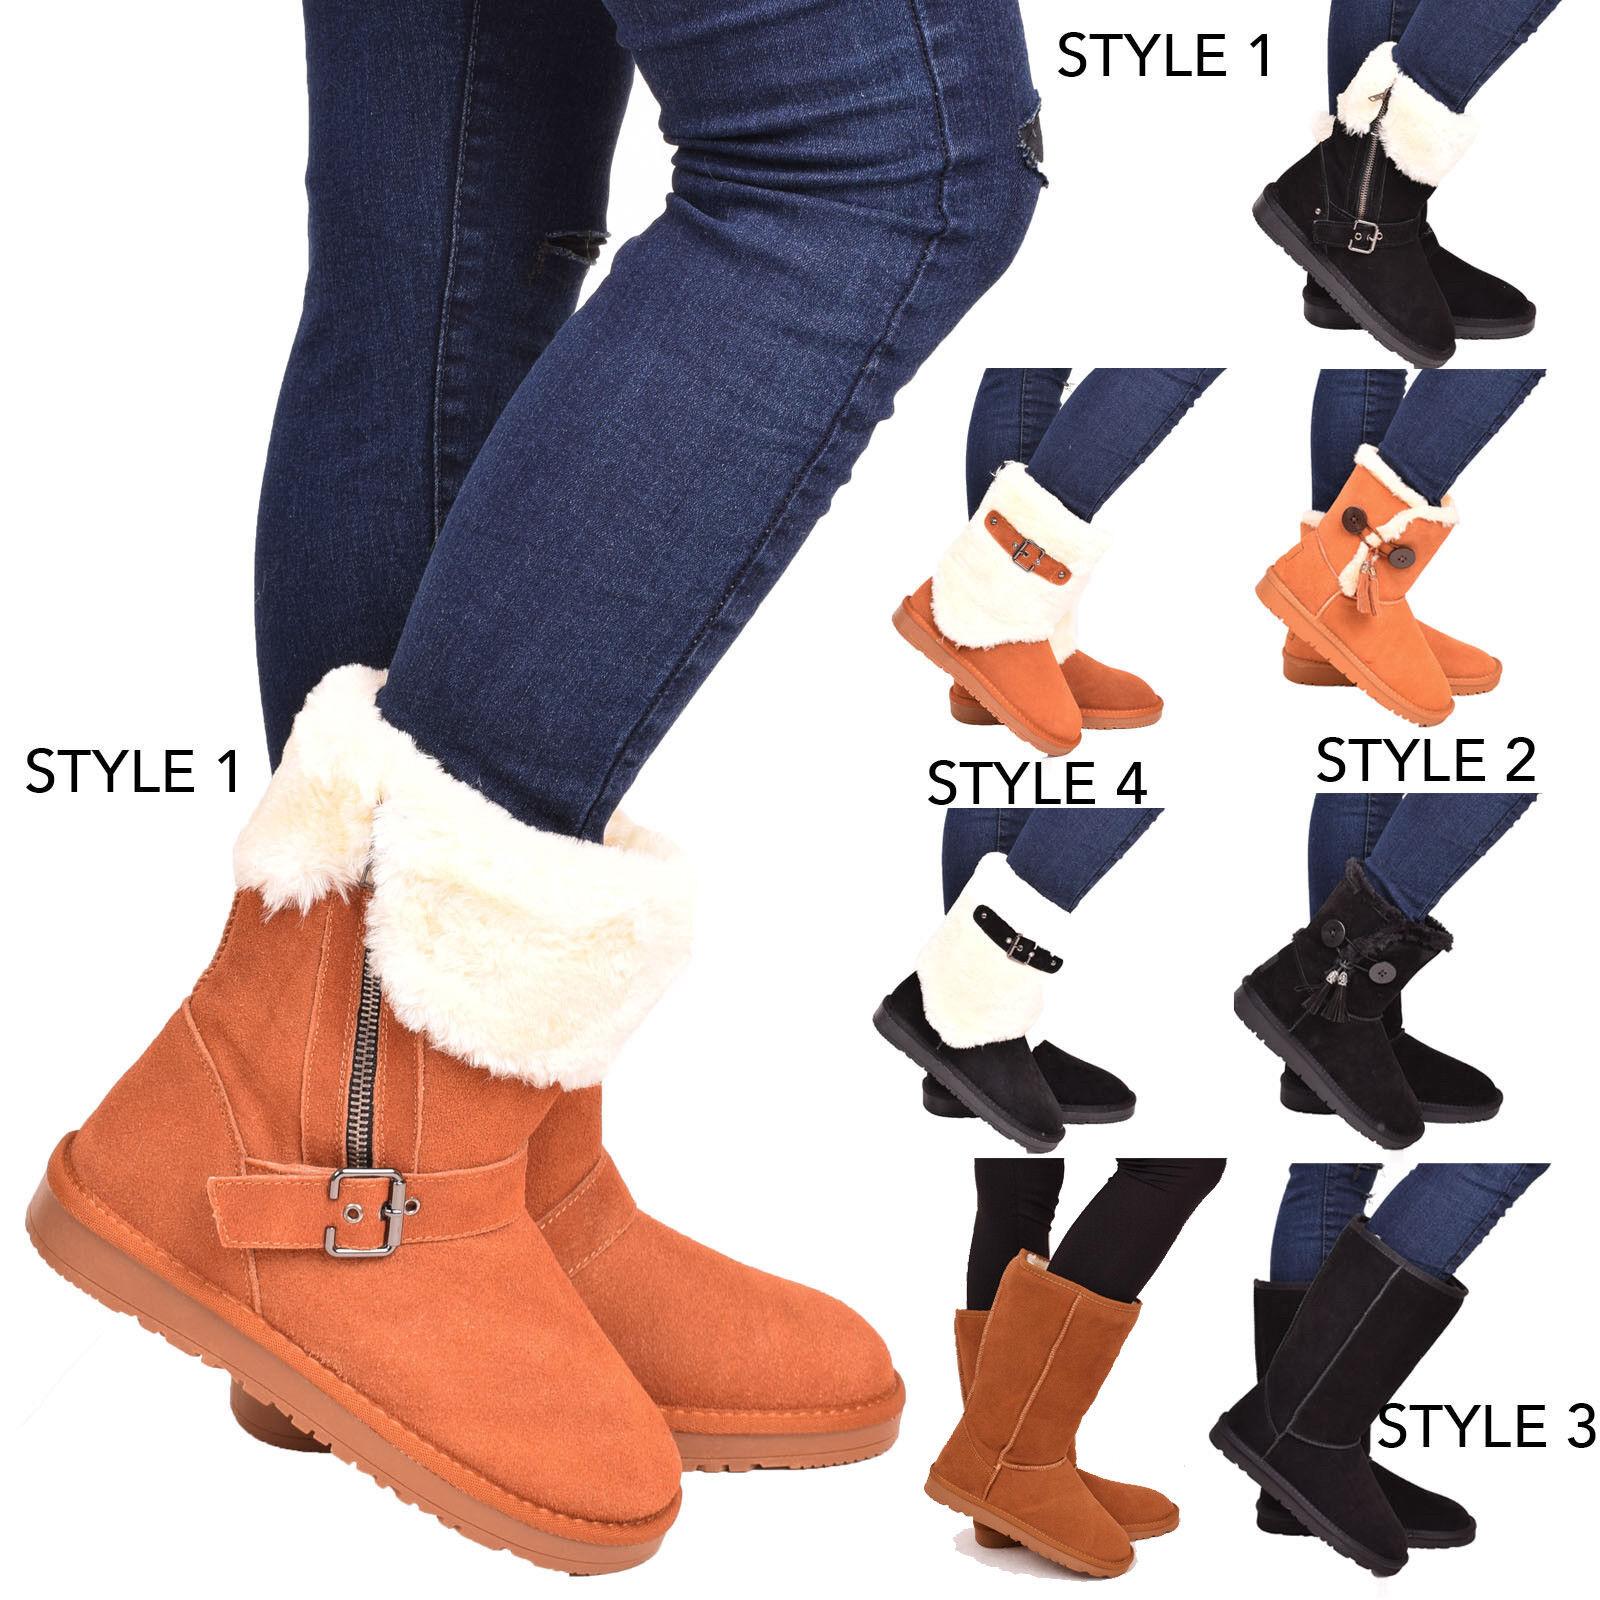 Dames femmes hiver bottes de neige en peau de mouton véritable cuir véritable cuir véritable chaussures taille 3-8